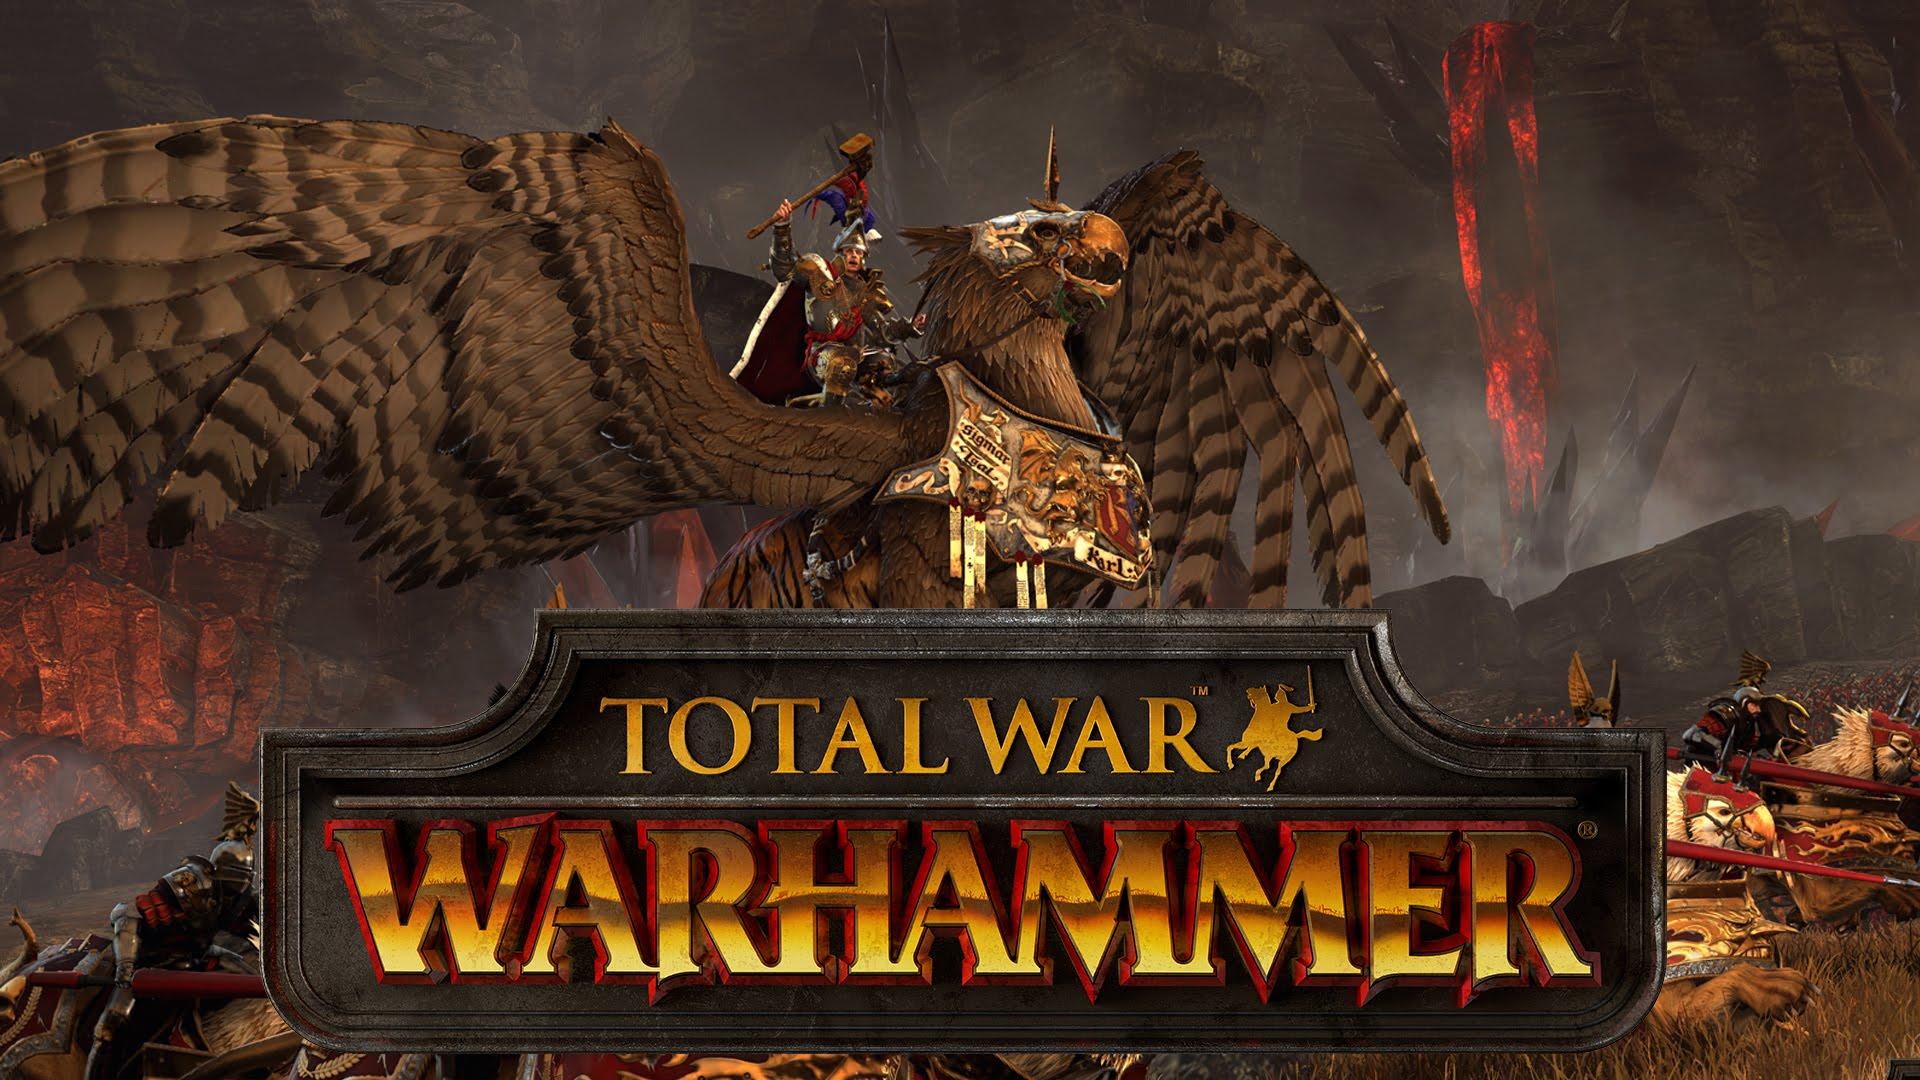 videogames-total-war_warhammer